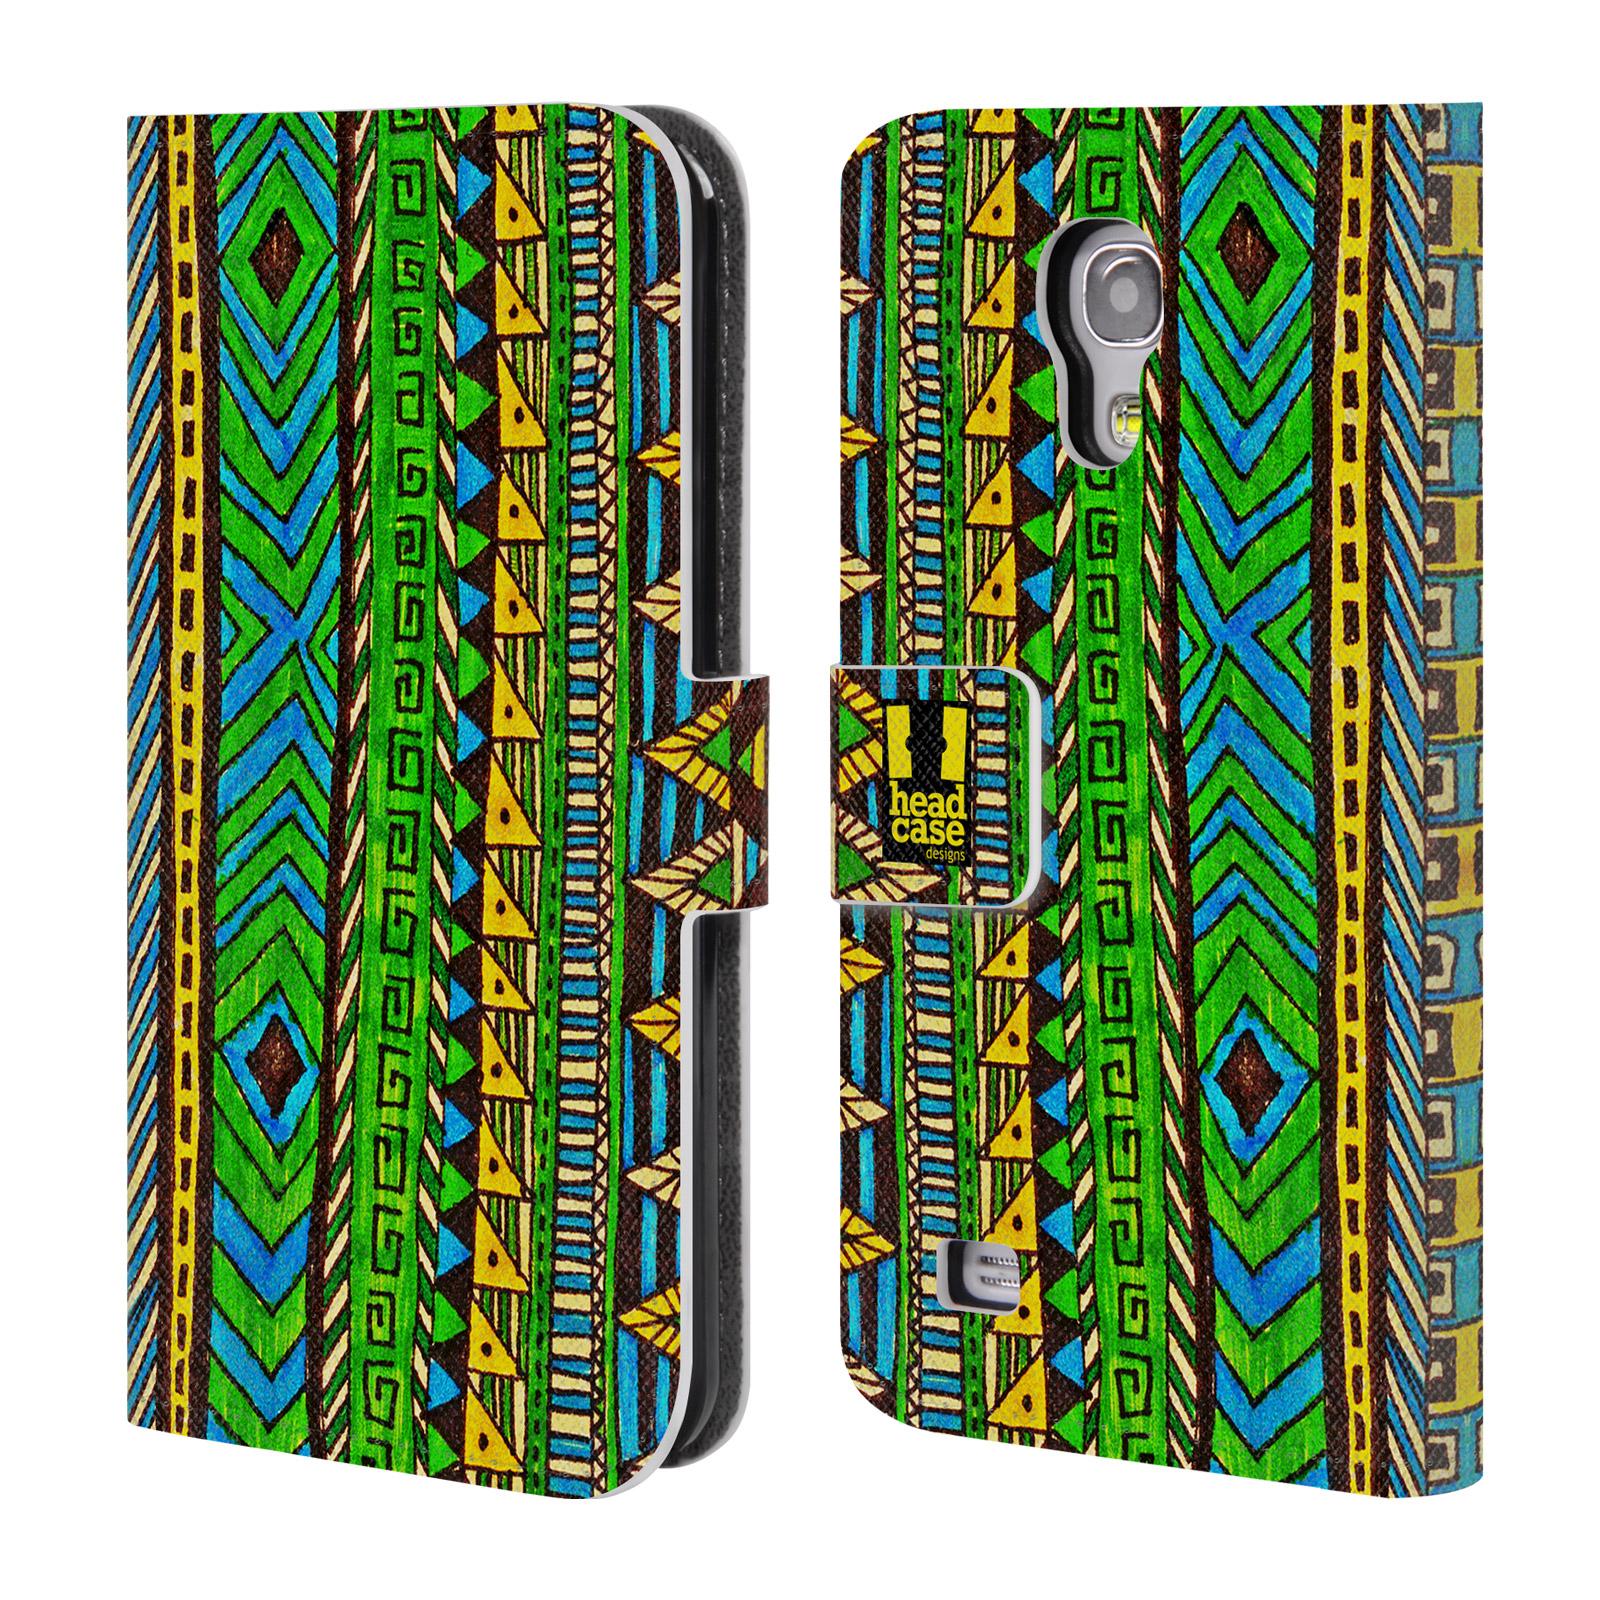 HEAD CASE Flipové pouzdro pro mobil Samsung Galaxy S4 MINI / S4 MINI DUOS Barevná aztécká čmáranice zelená